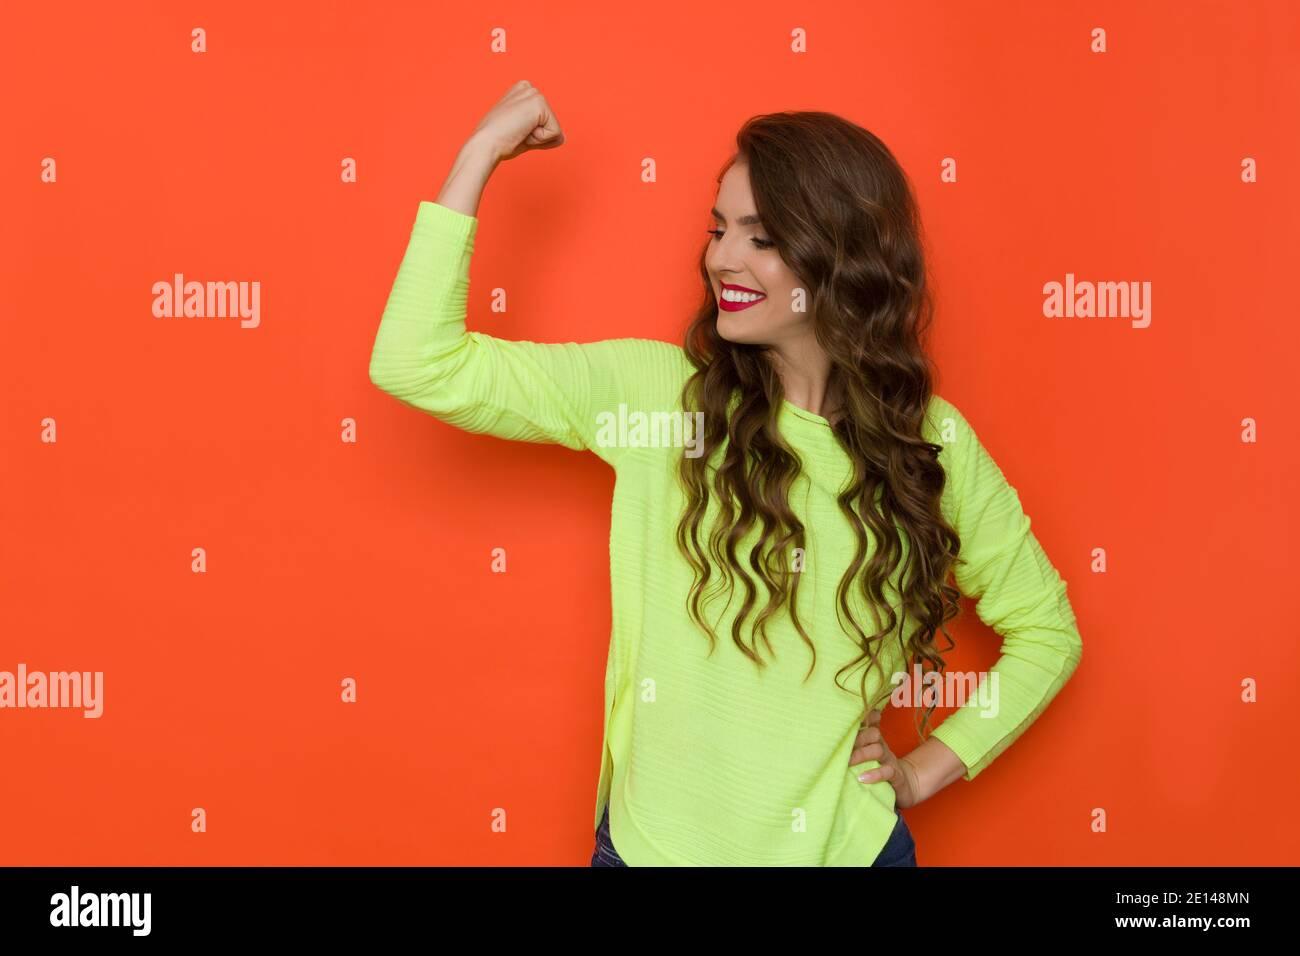 Une jeune femme heureuse en vert citron vert fluo tient le bras relevé, fléchissant le muscle, regardant loin et souriant. Taille haute studio tourné sur fond orange Banque D'Images